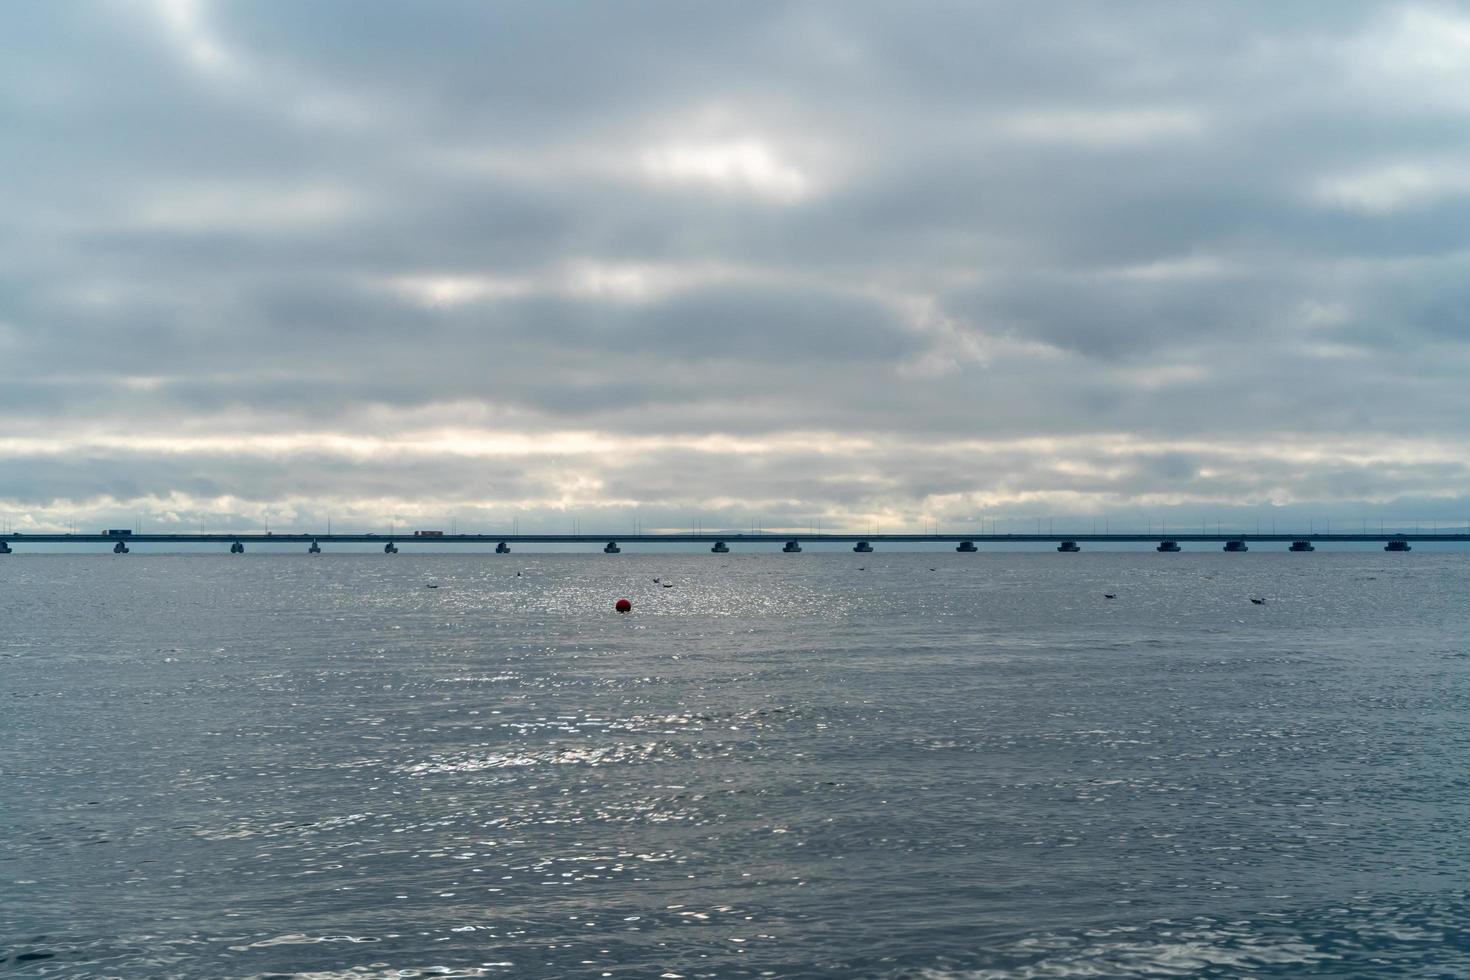 zeegezicht met uitzicht op de brug van sedan de vries. foto